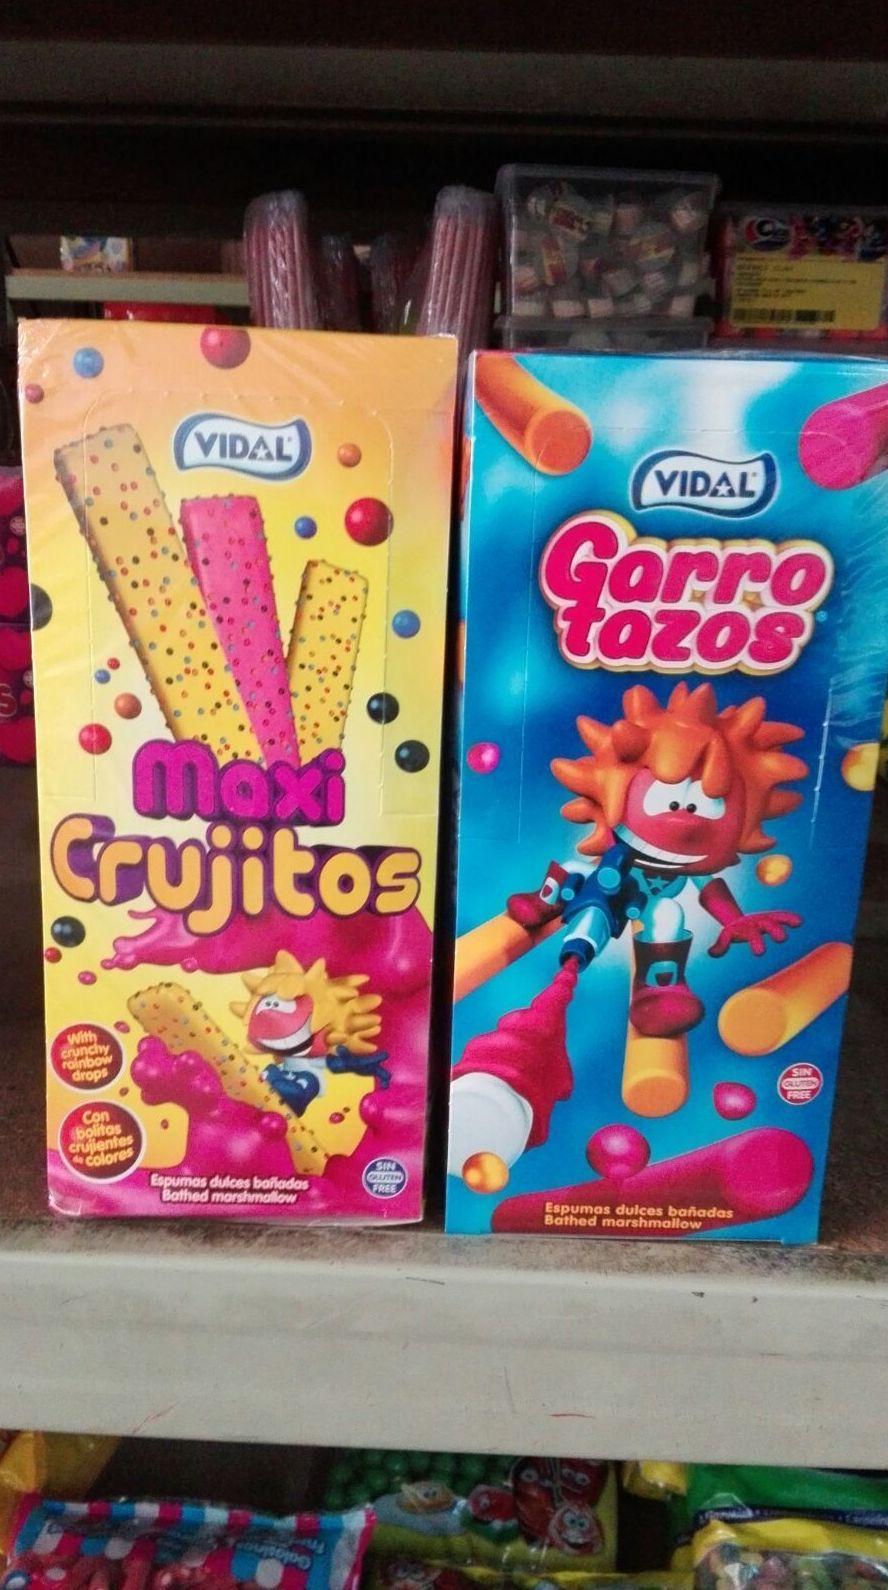 Garrotazos, maxicrujitos: Productos   de Candy Five, S.L.